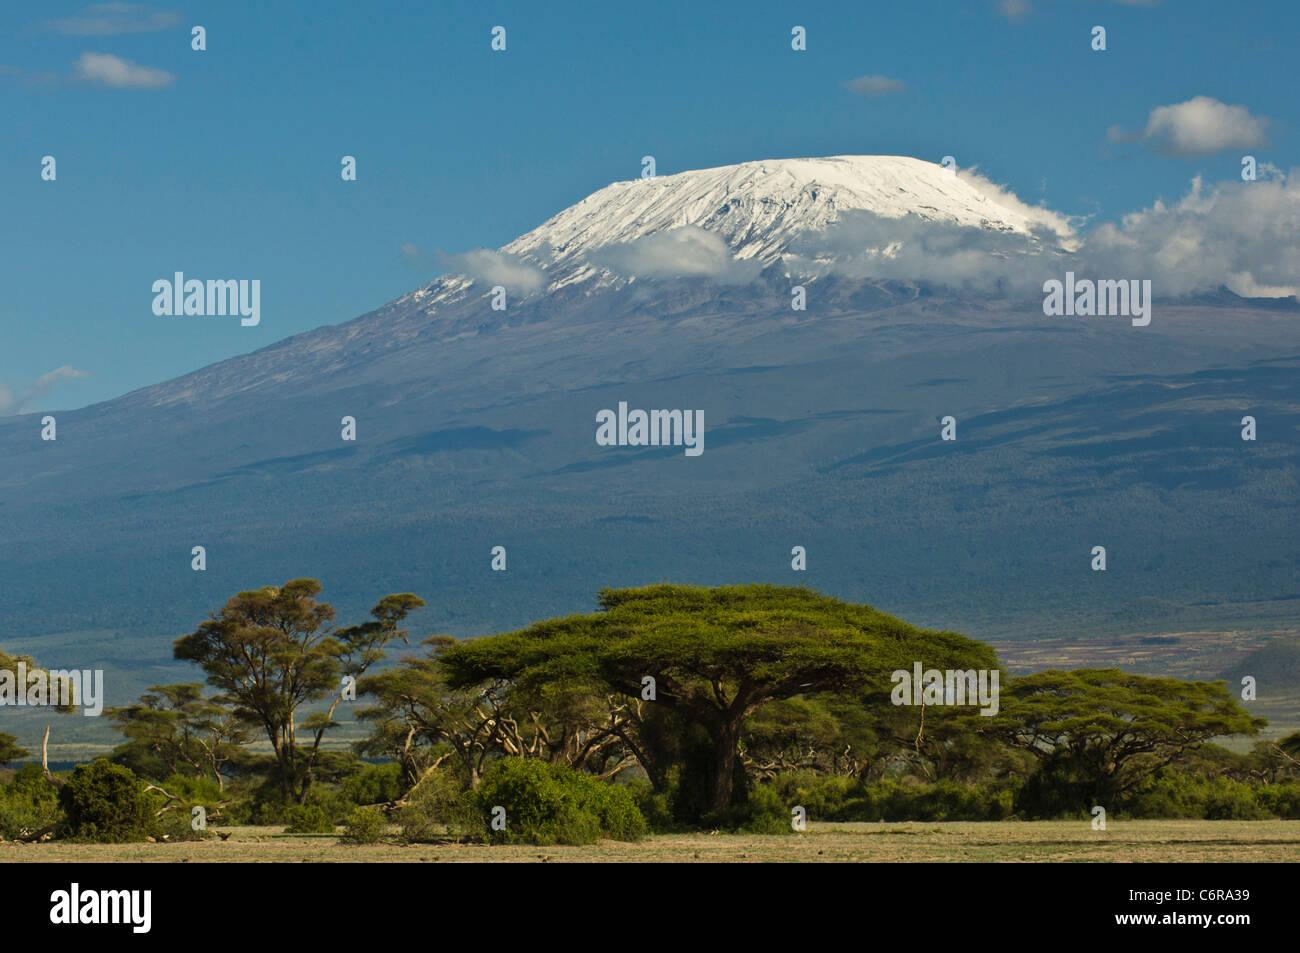 Mt Kilimanjaro's snow-capped Kibo peak with umbrella thorn acacias (Acacia tortilis) in the foreground. - Stock Image